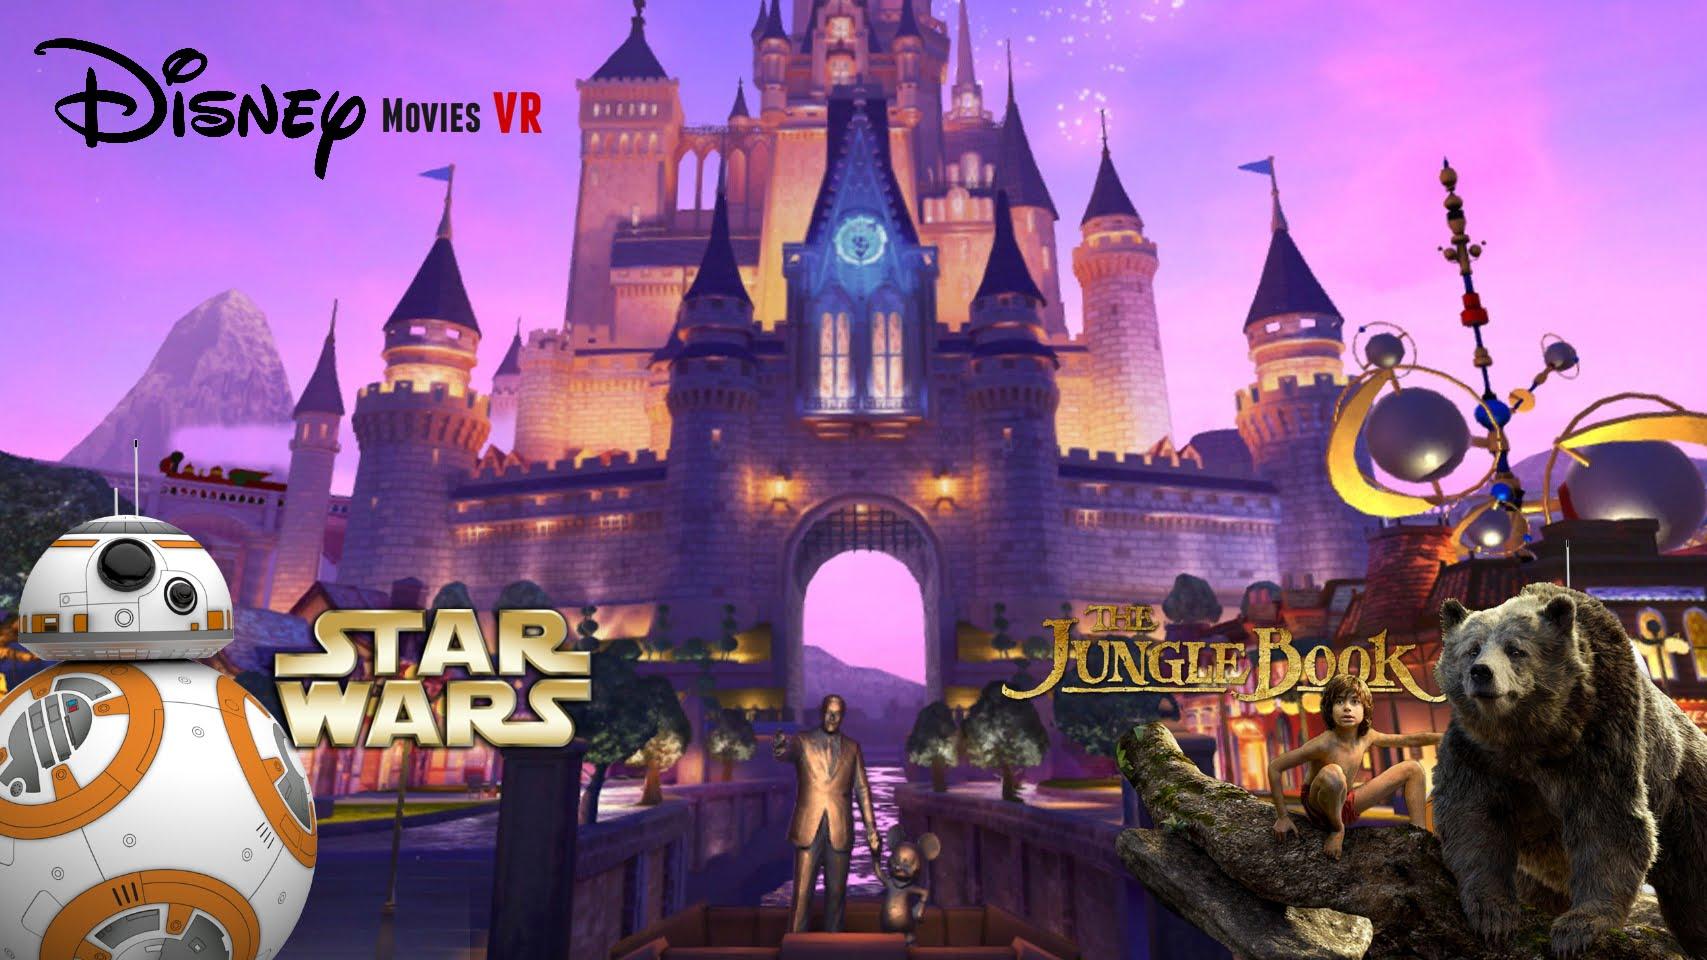 Disney Movies VR revivirá a los clásicos de la compañía